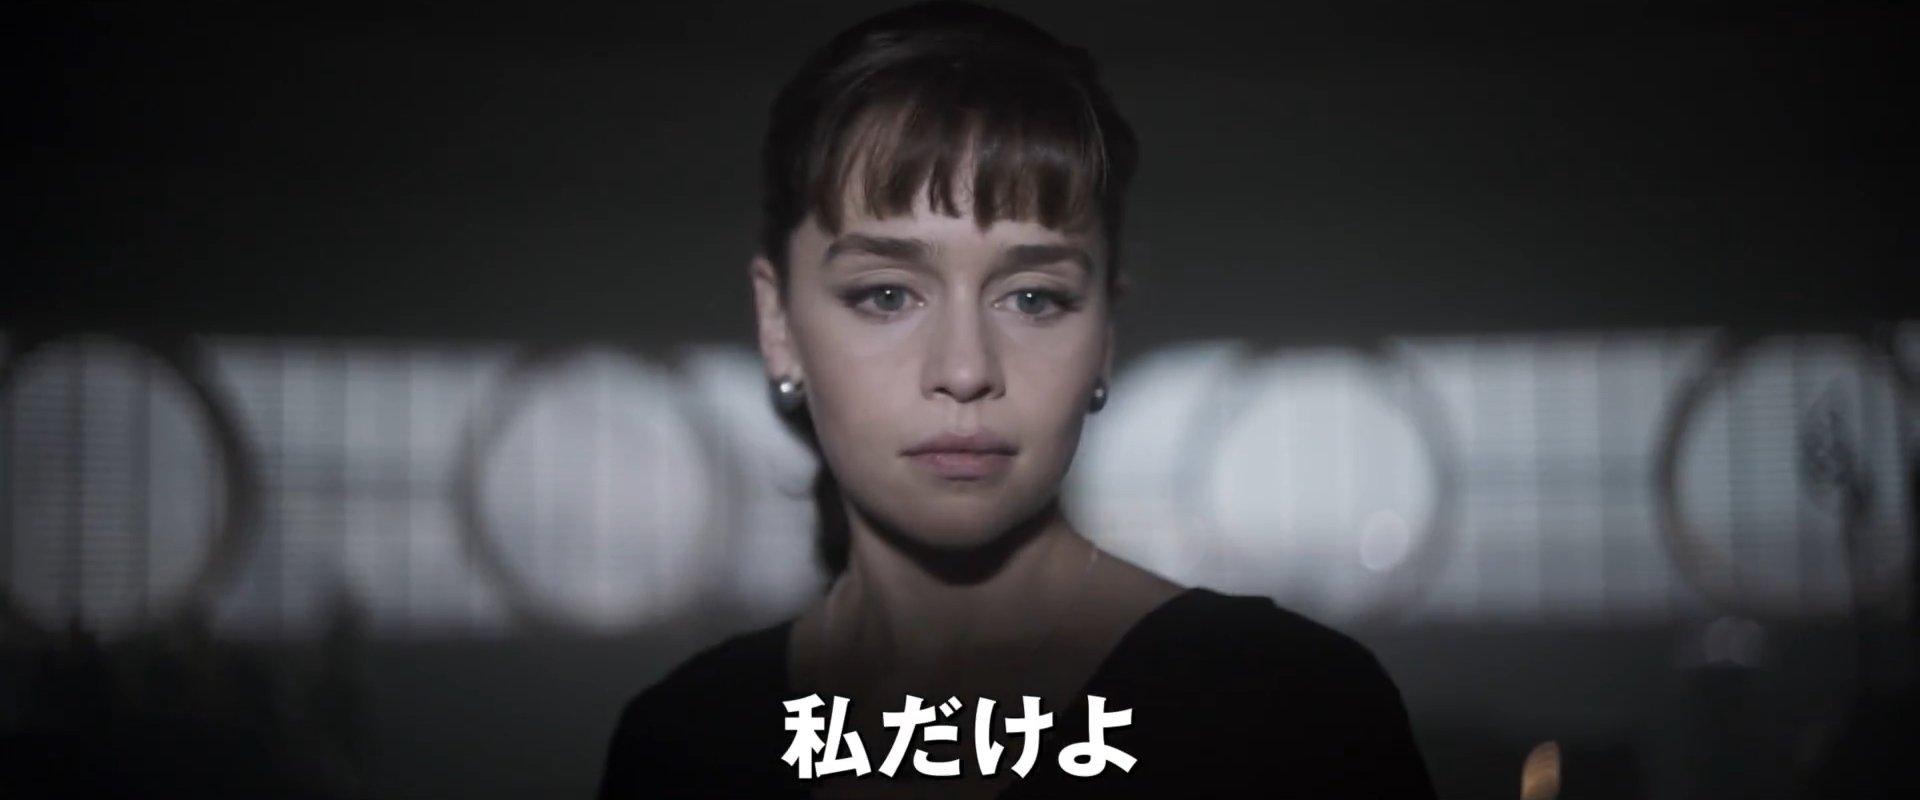 『ハン・ソロ』YOUTUBE予告編より キーラ